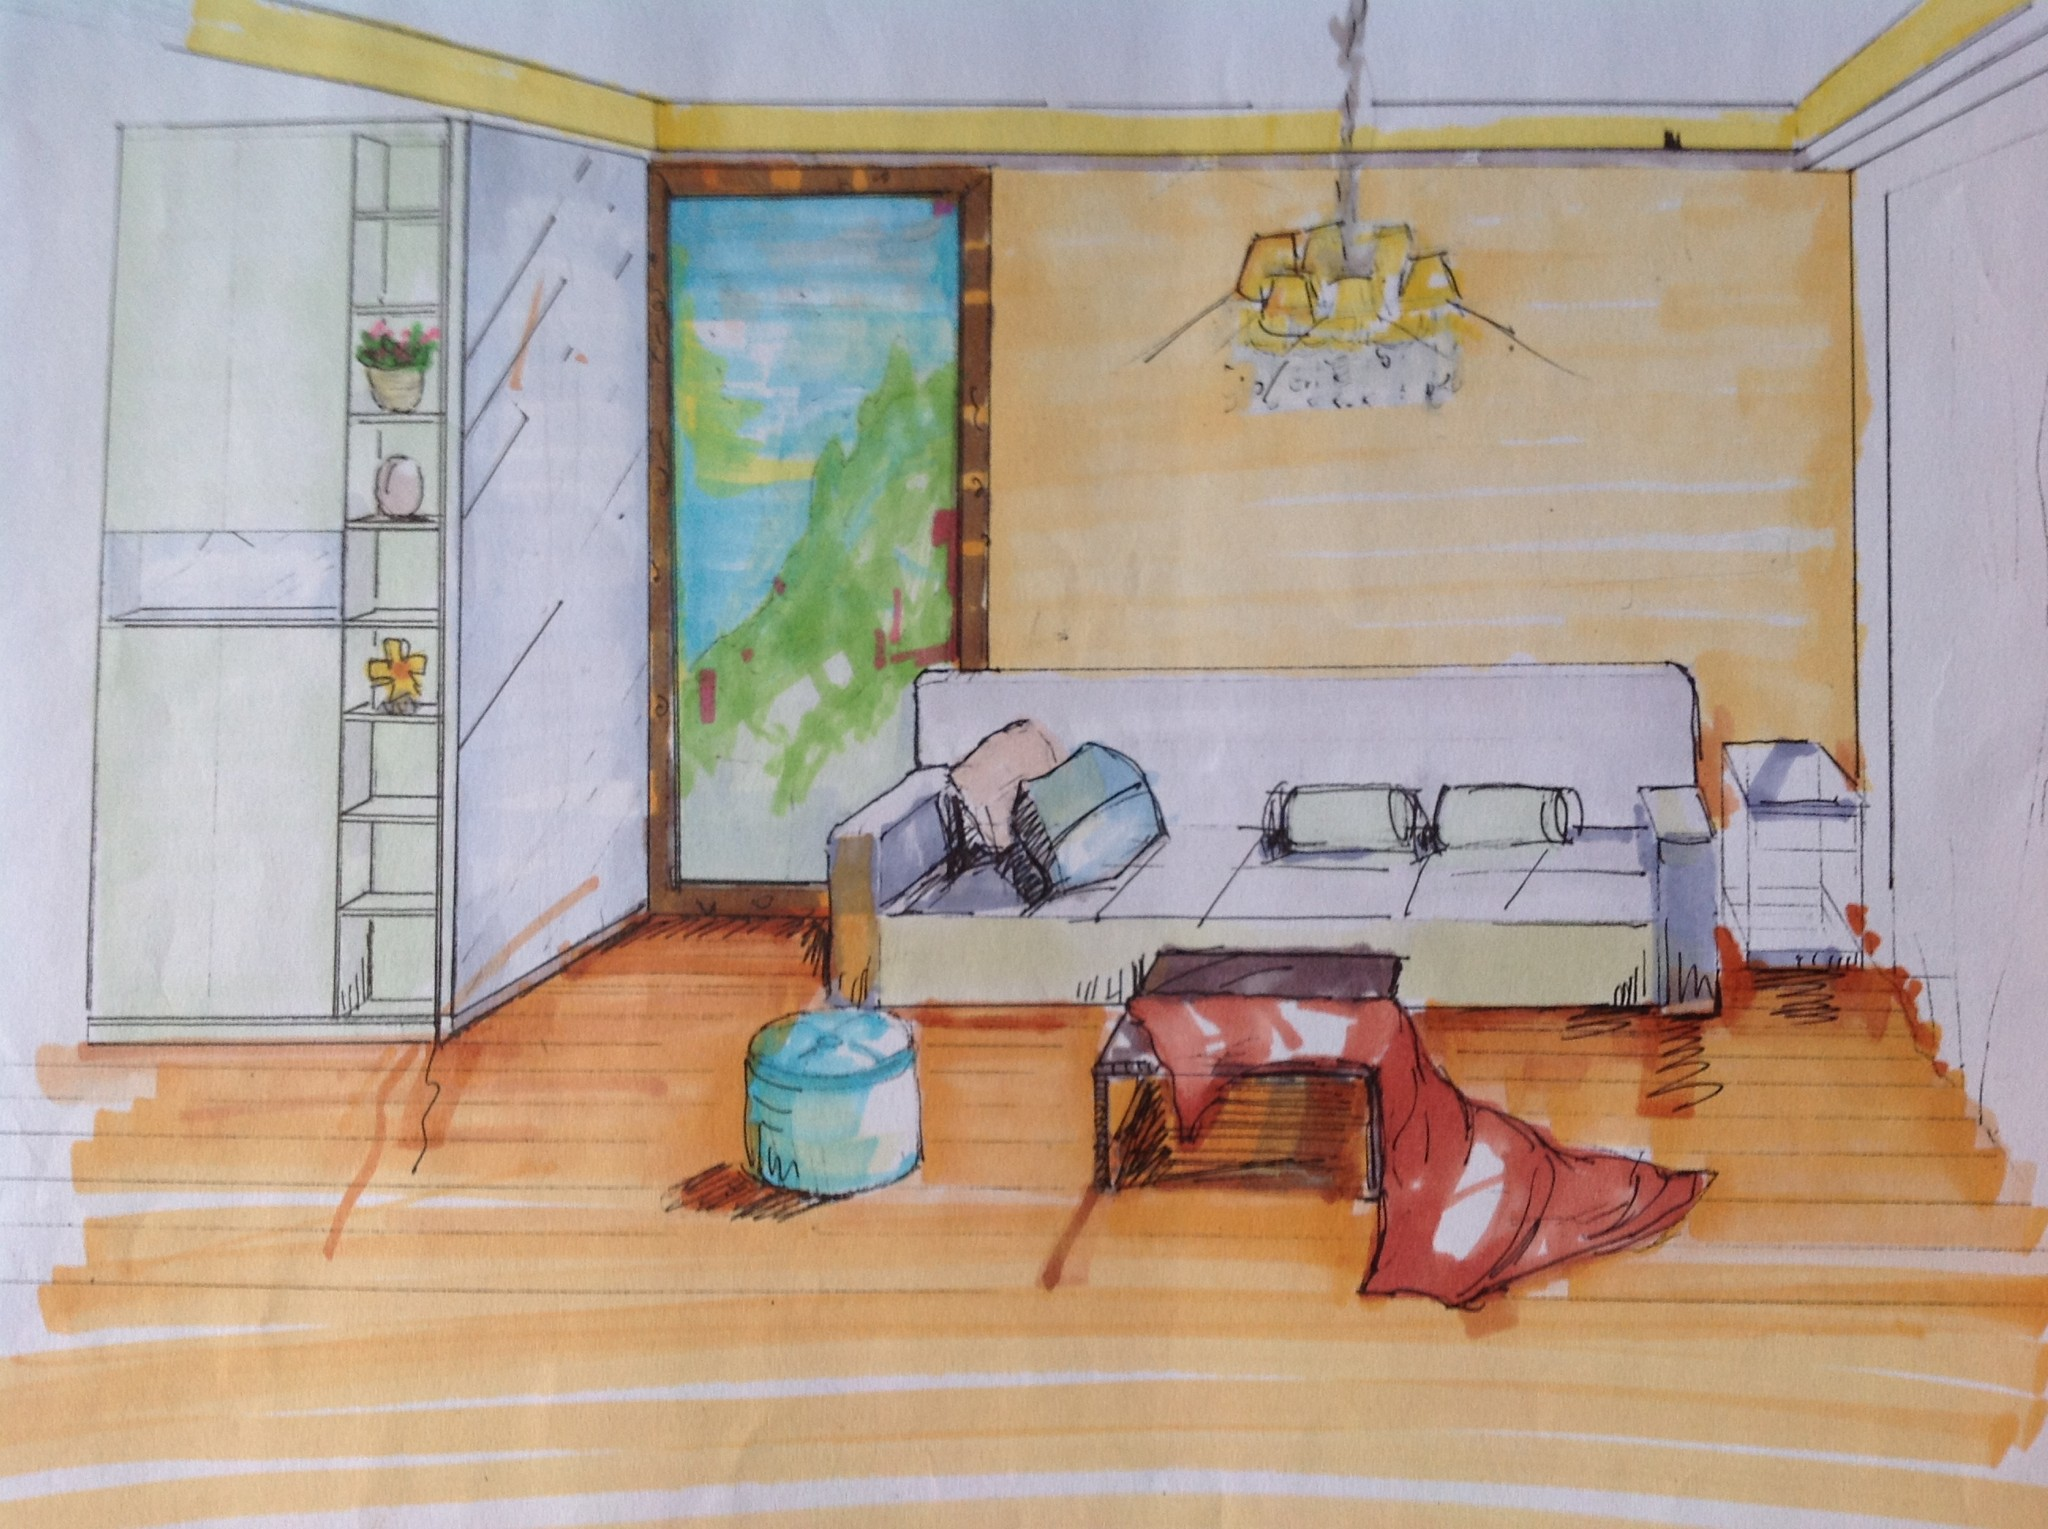 上手繪圖~~客廳